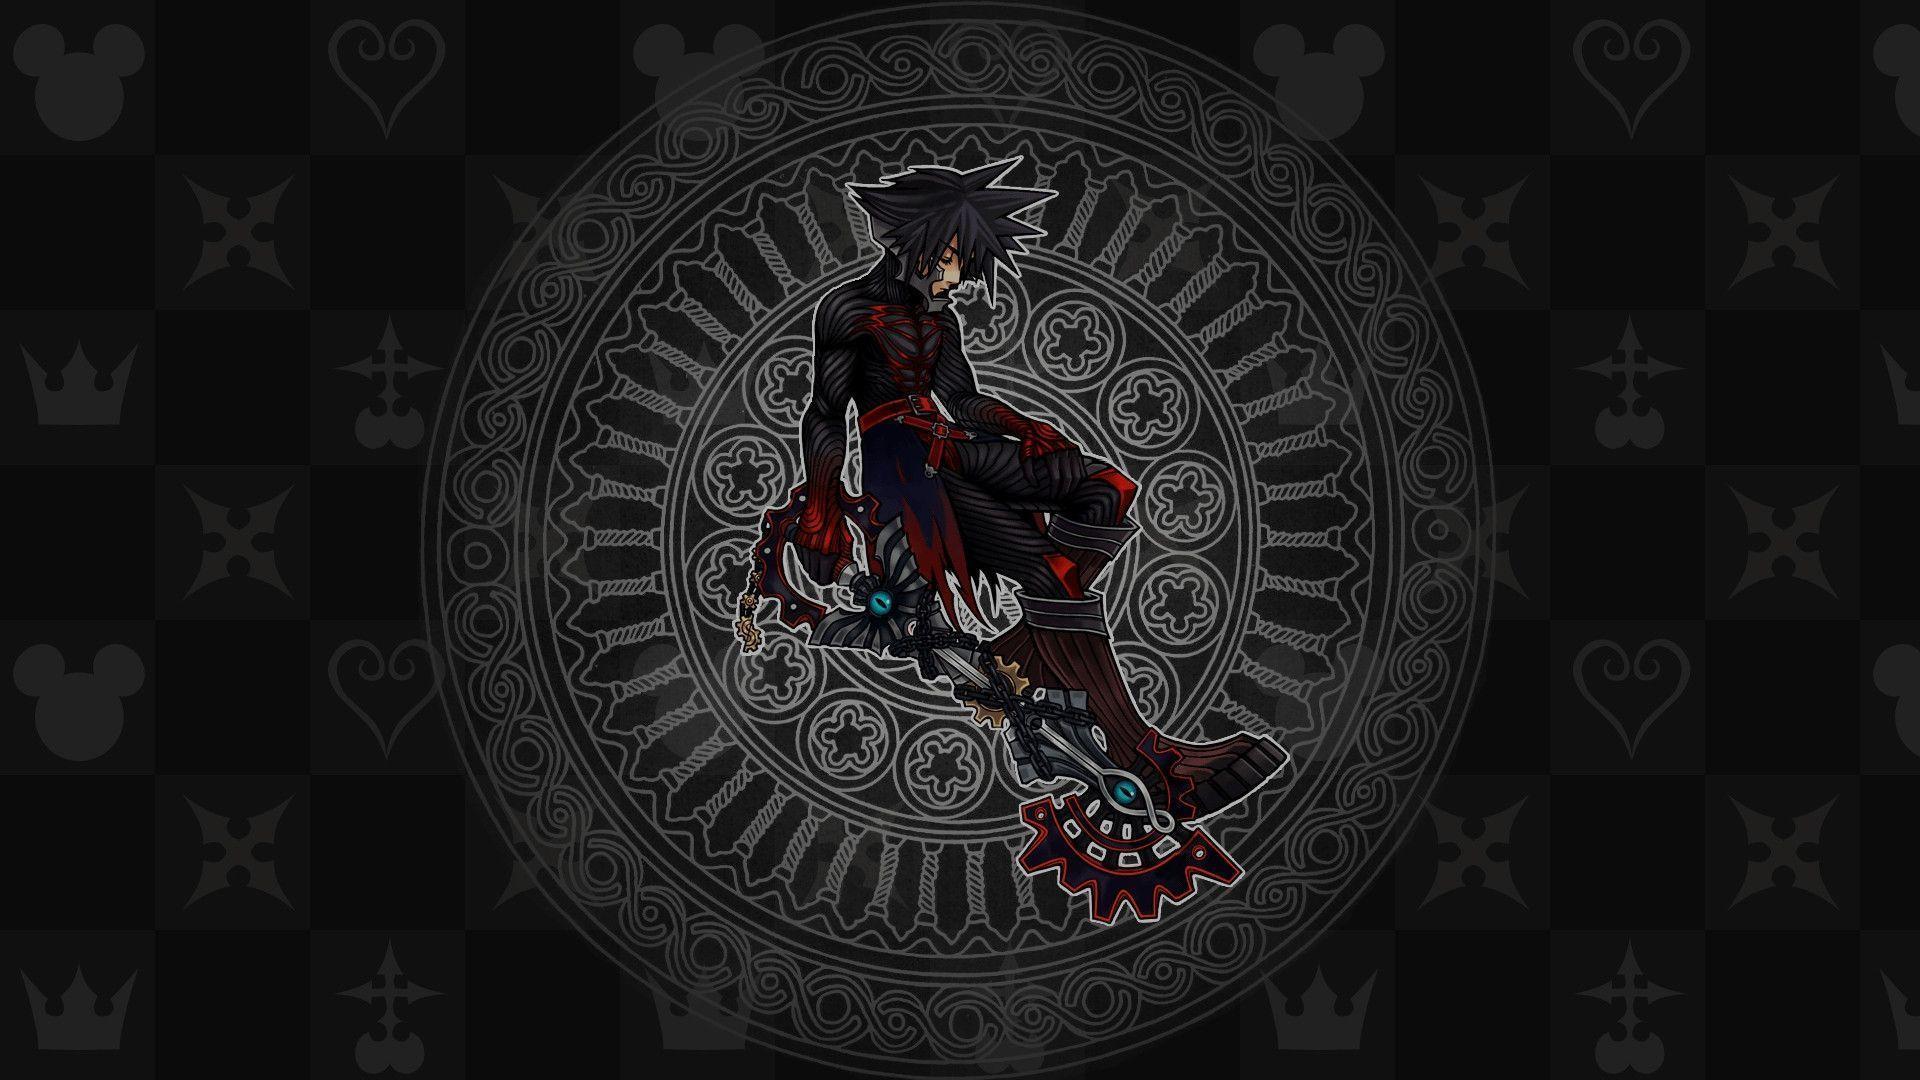 Kingdom Hearts Wallpapers HD 1920x1080